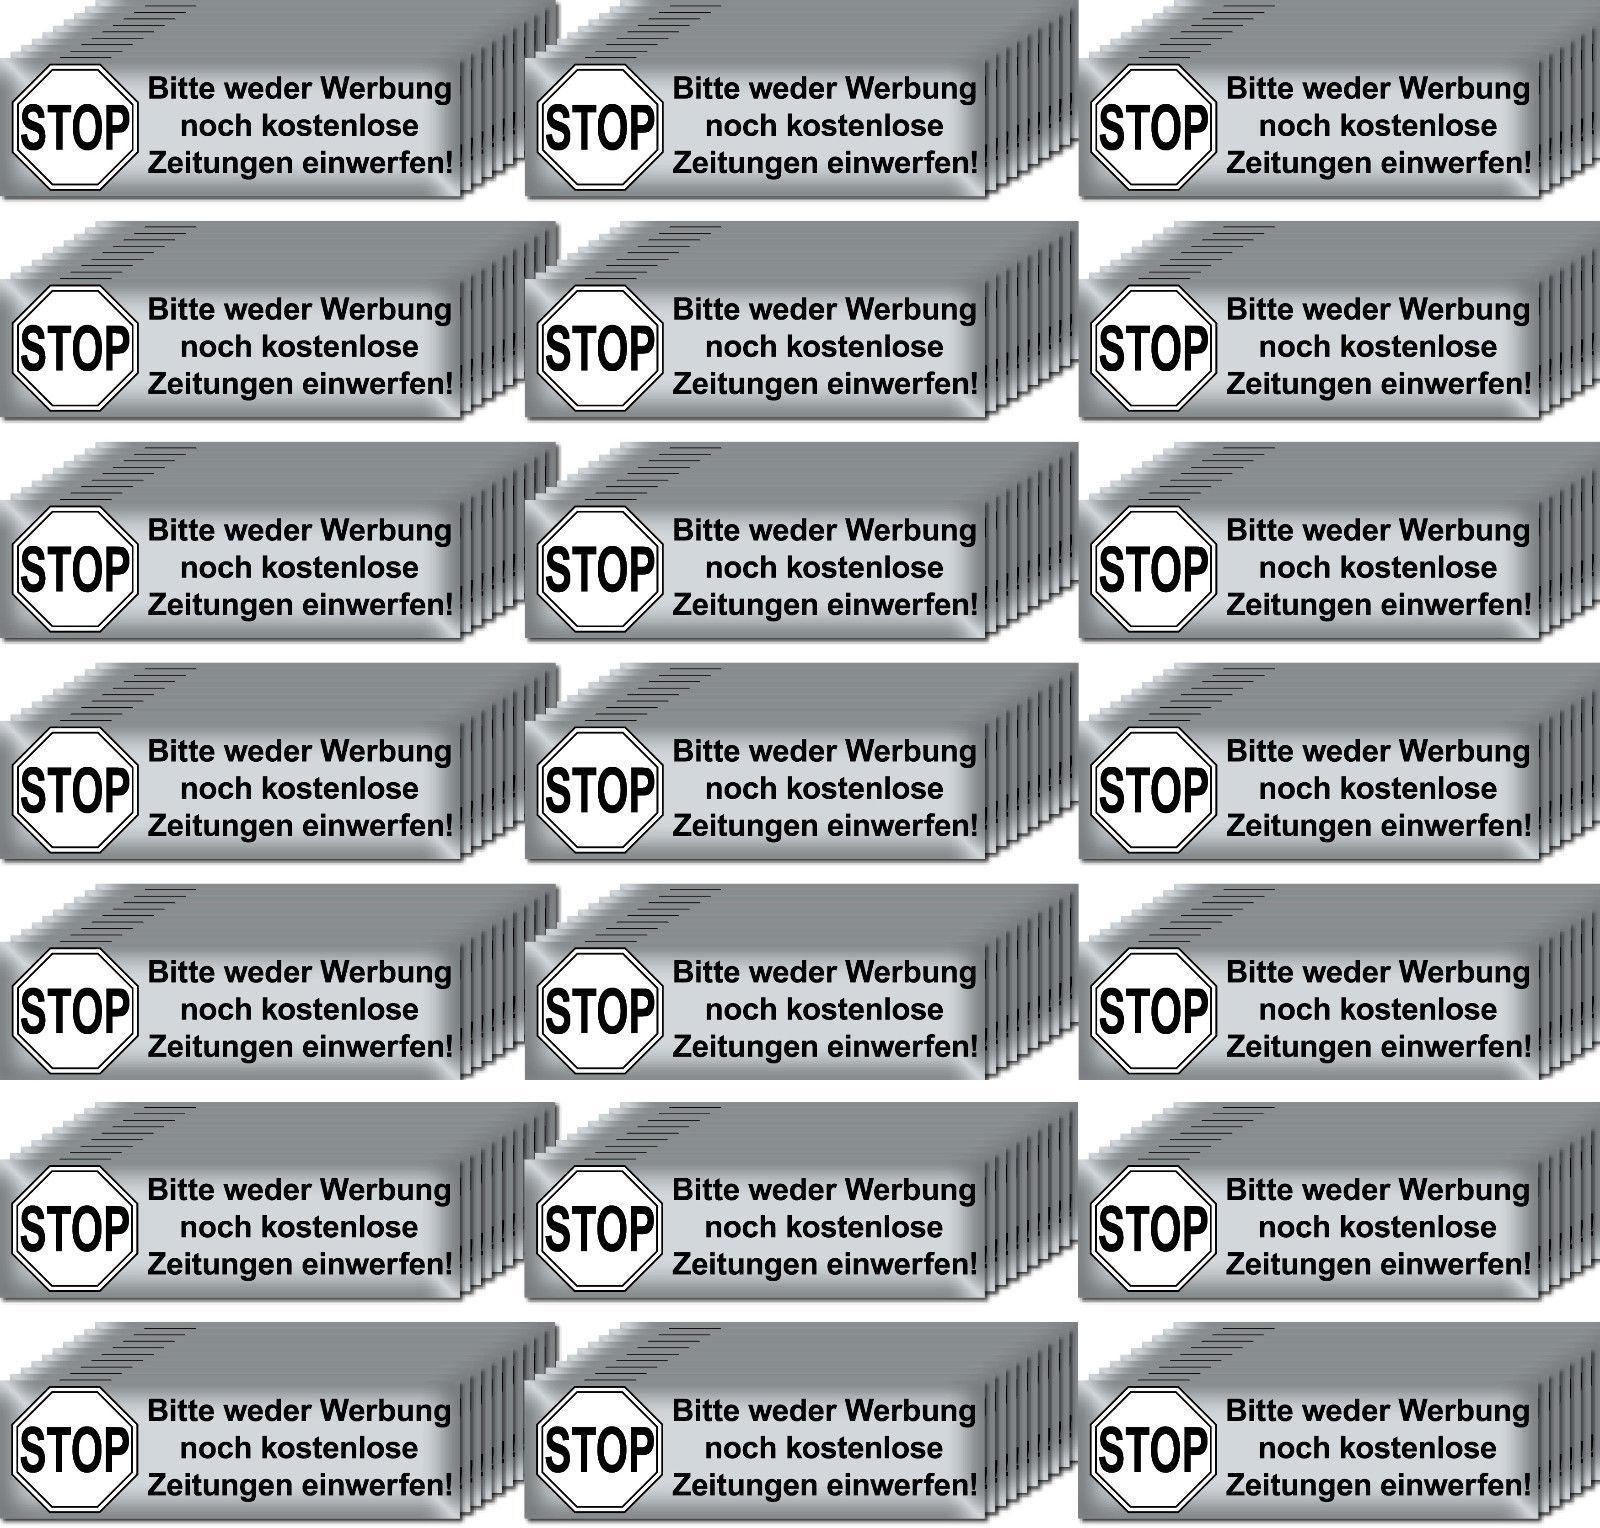 200 aufkleber briefkasten stop bitte keine werbung reklame zeitungen einwerfen kaufen bei green it. Black Bedroom Furniture Sets. Home Design Ideas